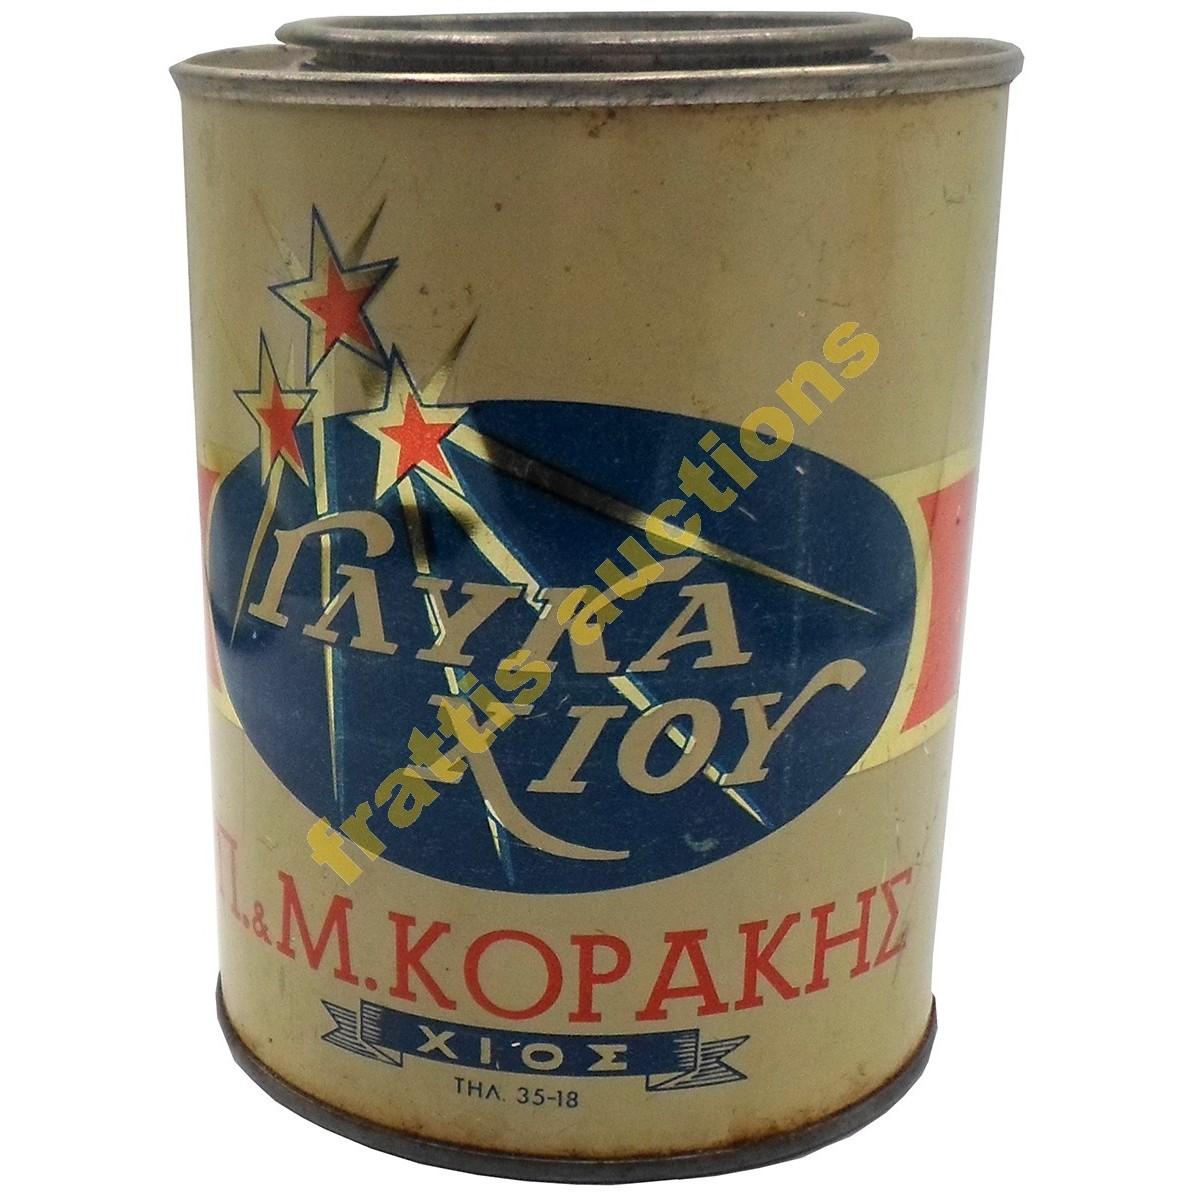 Π. & Μ. Κοράκης, Γλυκά Χίου, Μεταλλικό κουτί.